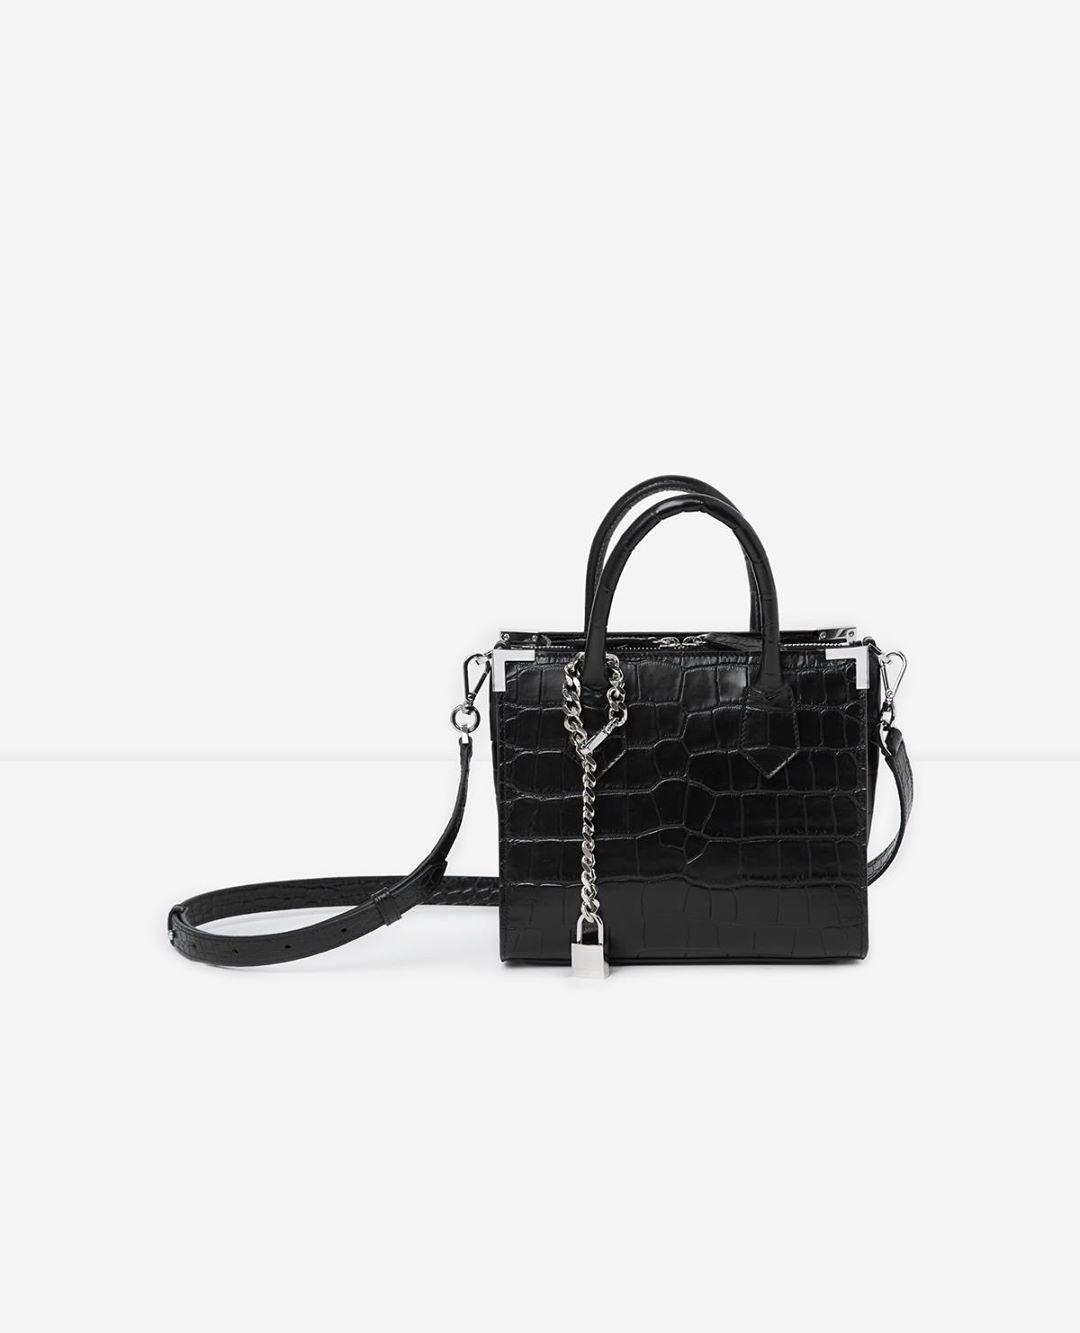 Medium Ming black vintage crocodile bag